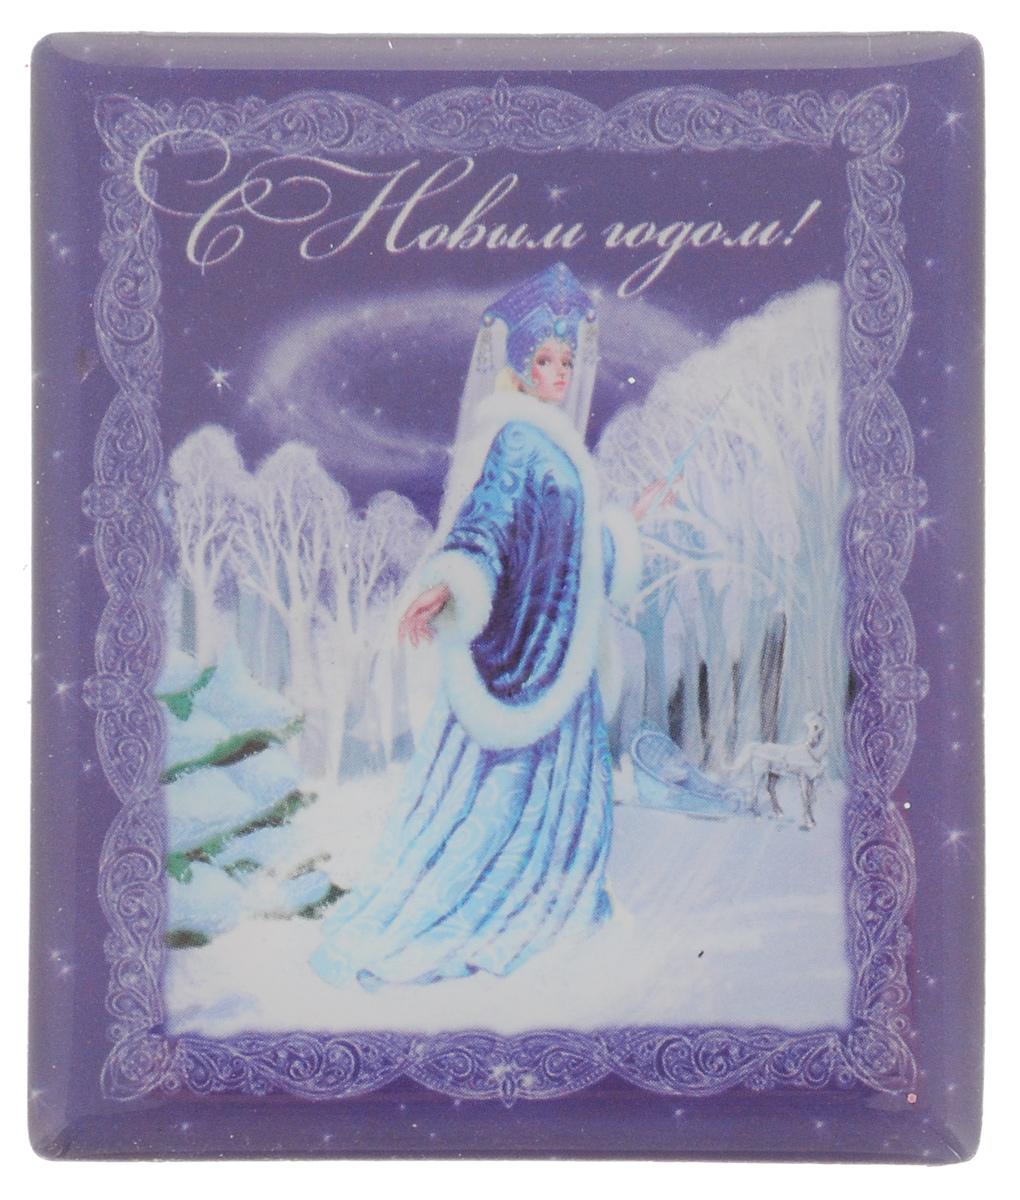 Магнит Феникс-Презент Снежная королева, 6 x 5 см феникс презент